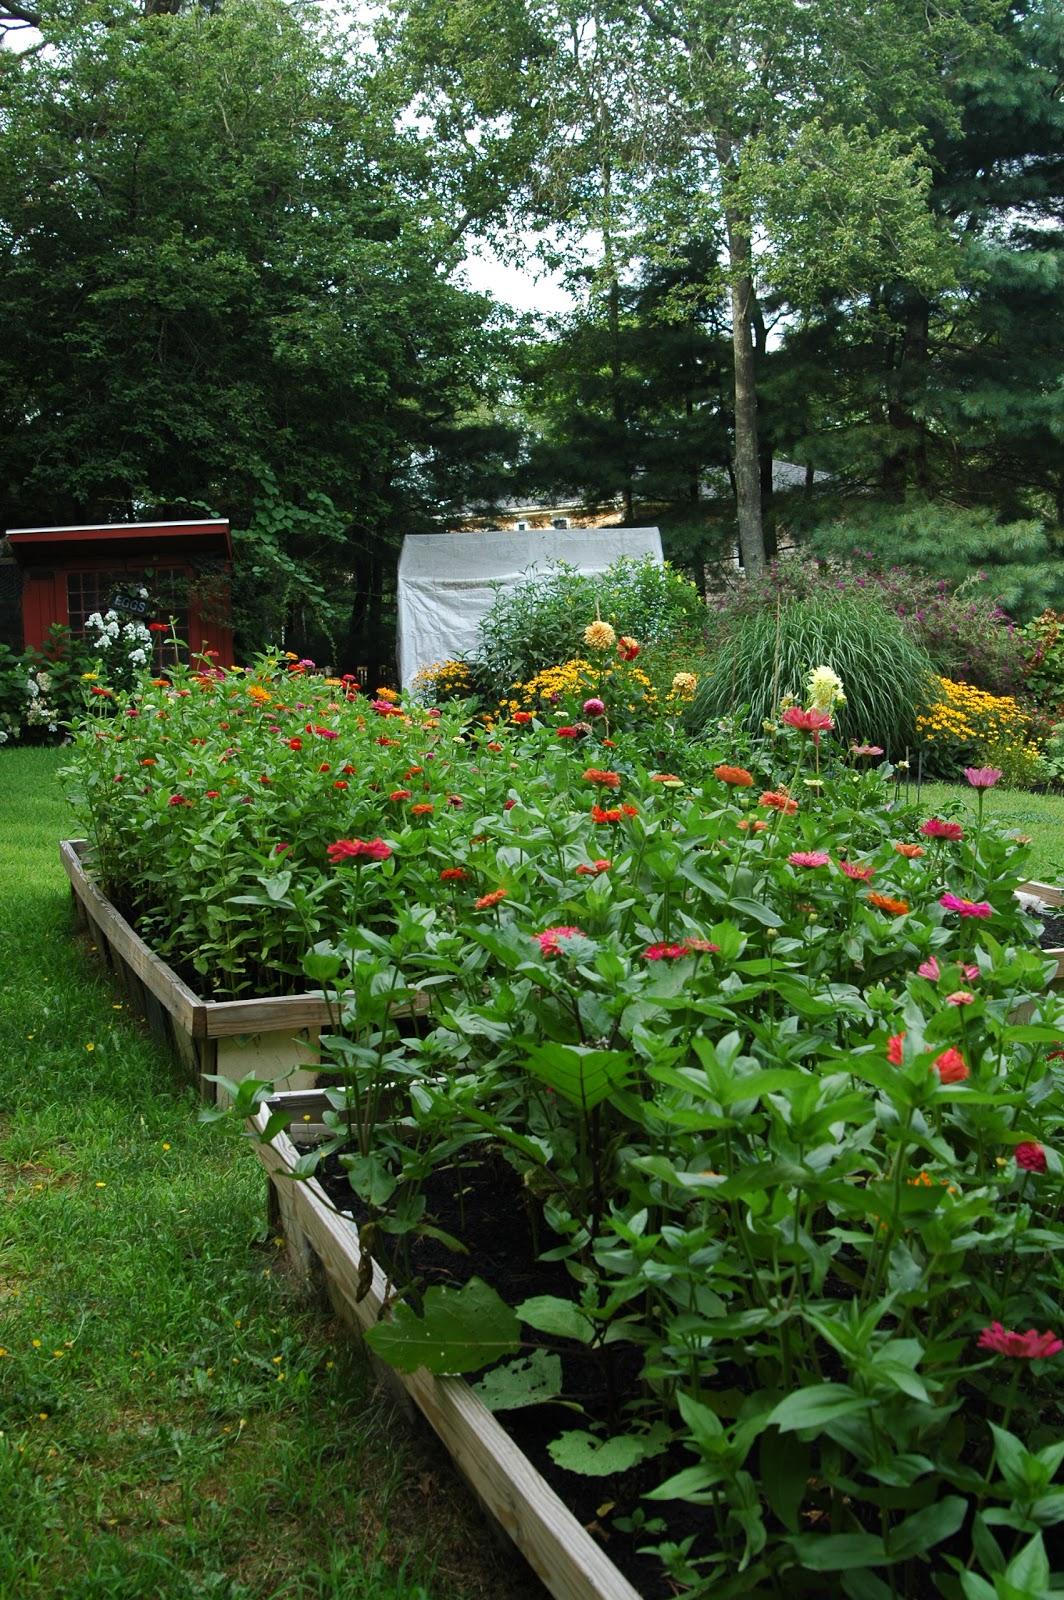 Backyard Flower Farmer :  HOUSE and GARDEN  3 Easy Annuals Every NEW Flower Farmer Can Grow